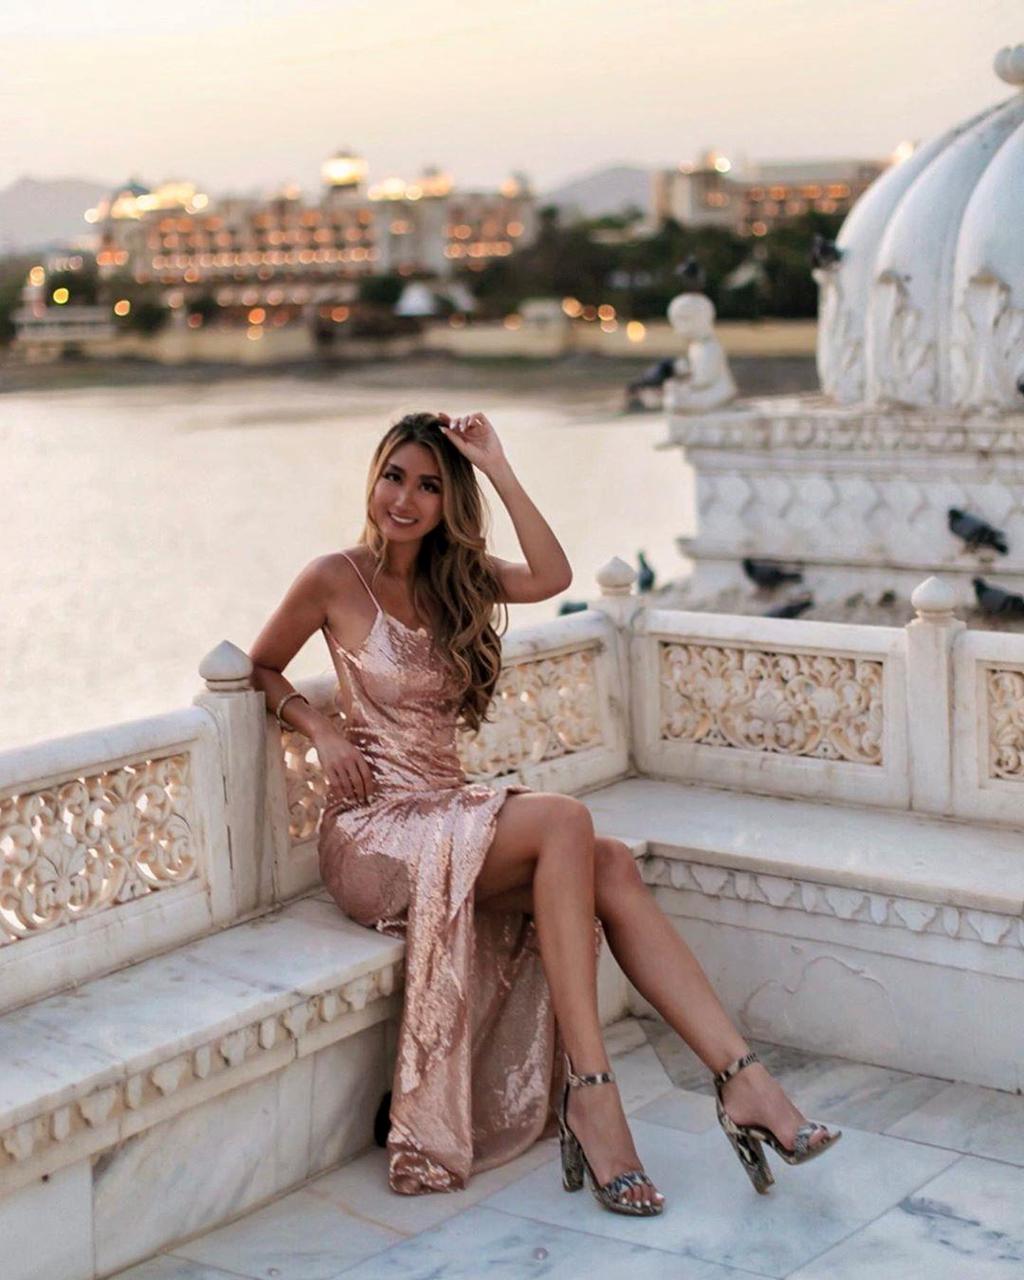 Sống như nữ hoàng tại những khách sạn lâu đài đẹp nhất thế giới - Hình 7